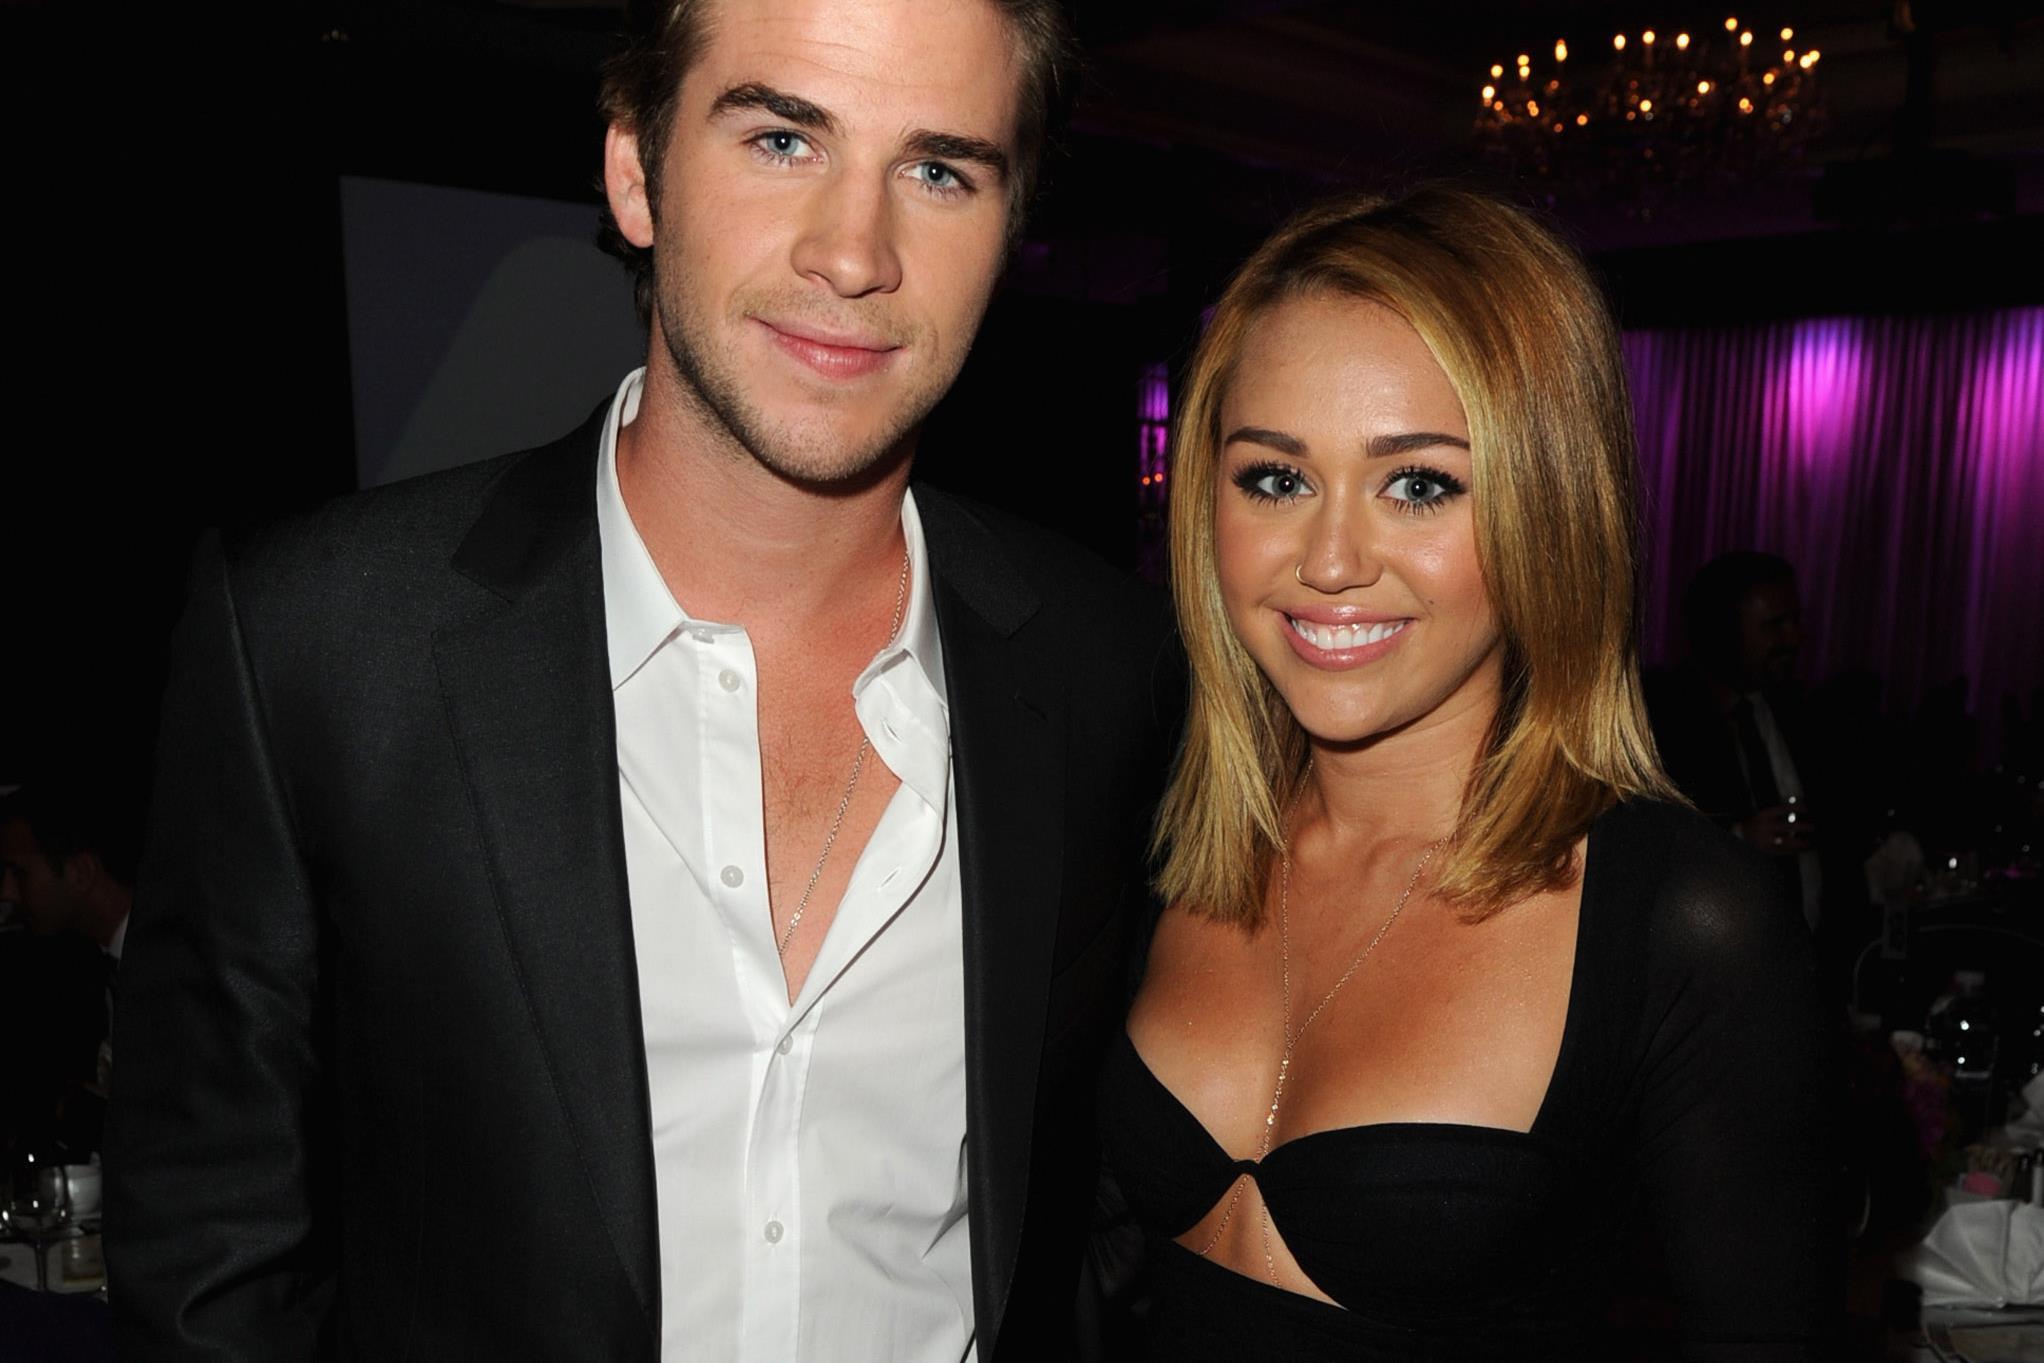 Miley cyrus pénisz. Péniszével kíván boldog karácsonyt Miley Cyrus - mamarazzafoto.hu